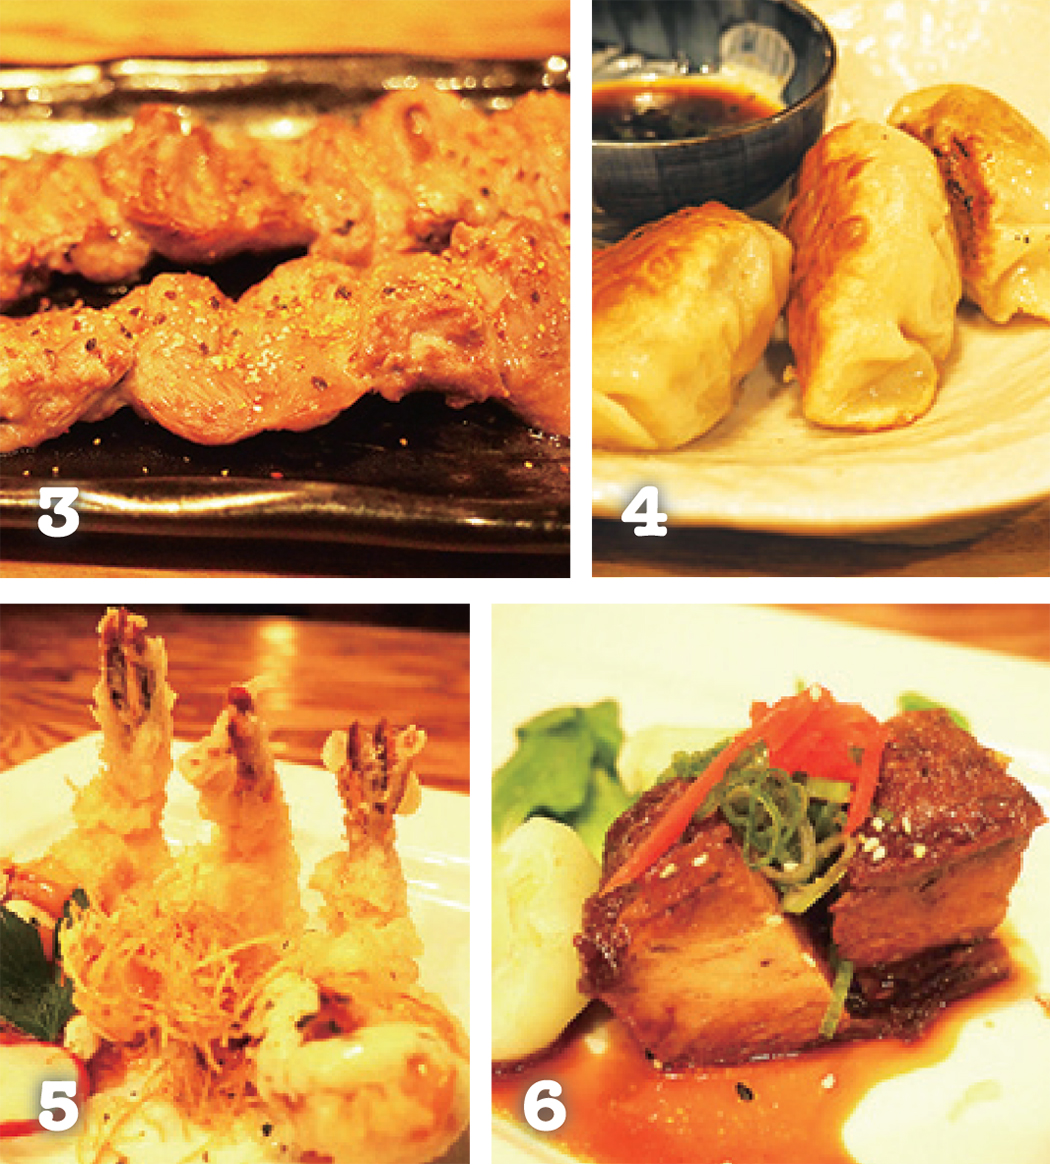 3 炭の香りがかぐわしい焼き物 4 和食で恋しくなるものは一通り揃っている 5 大人気メニューのえびマヨ 6 甘辛い味付けがたまらない豚の角煮